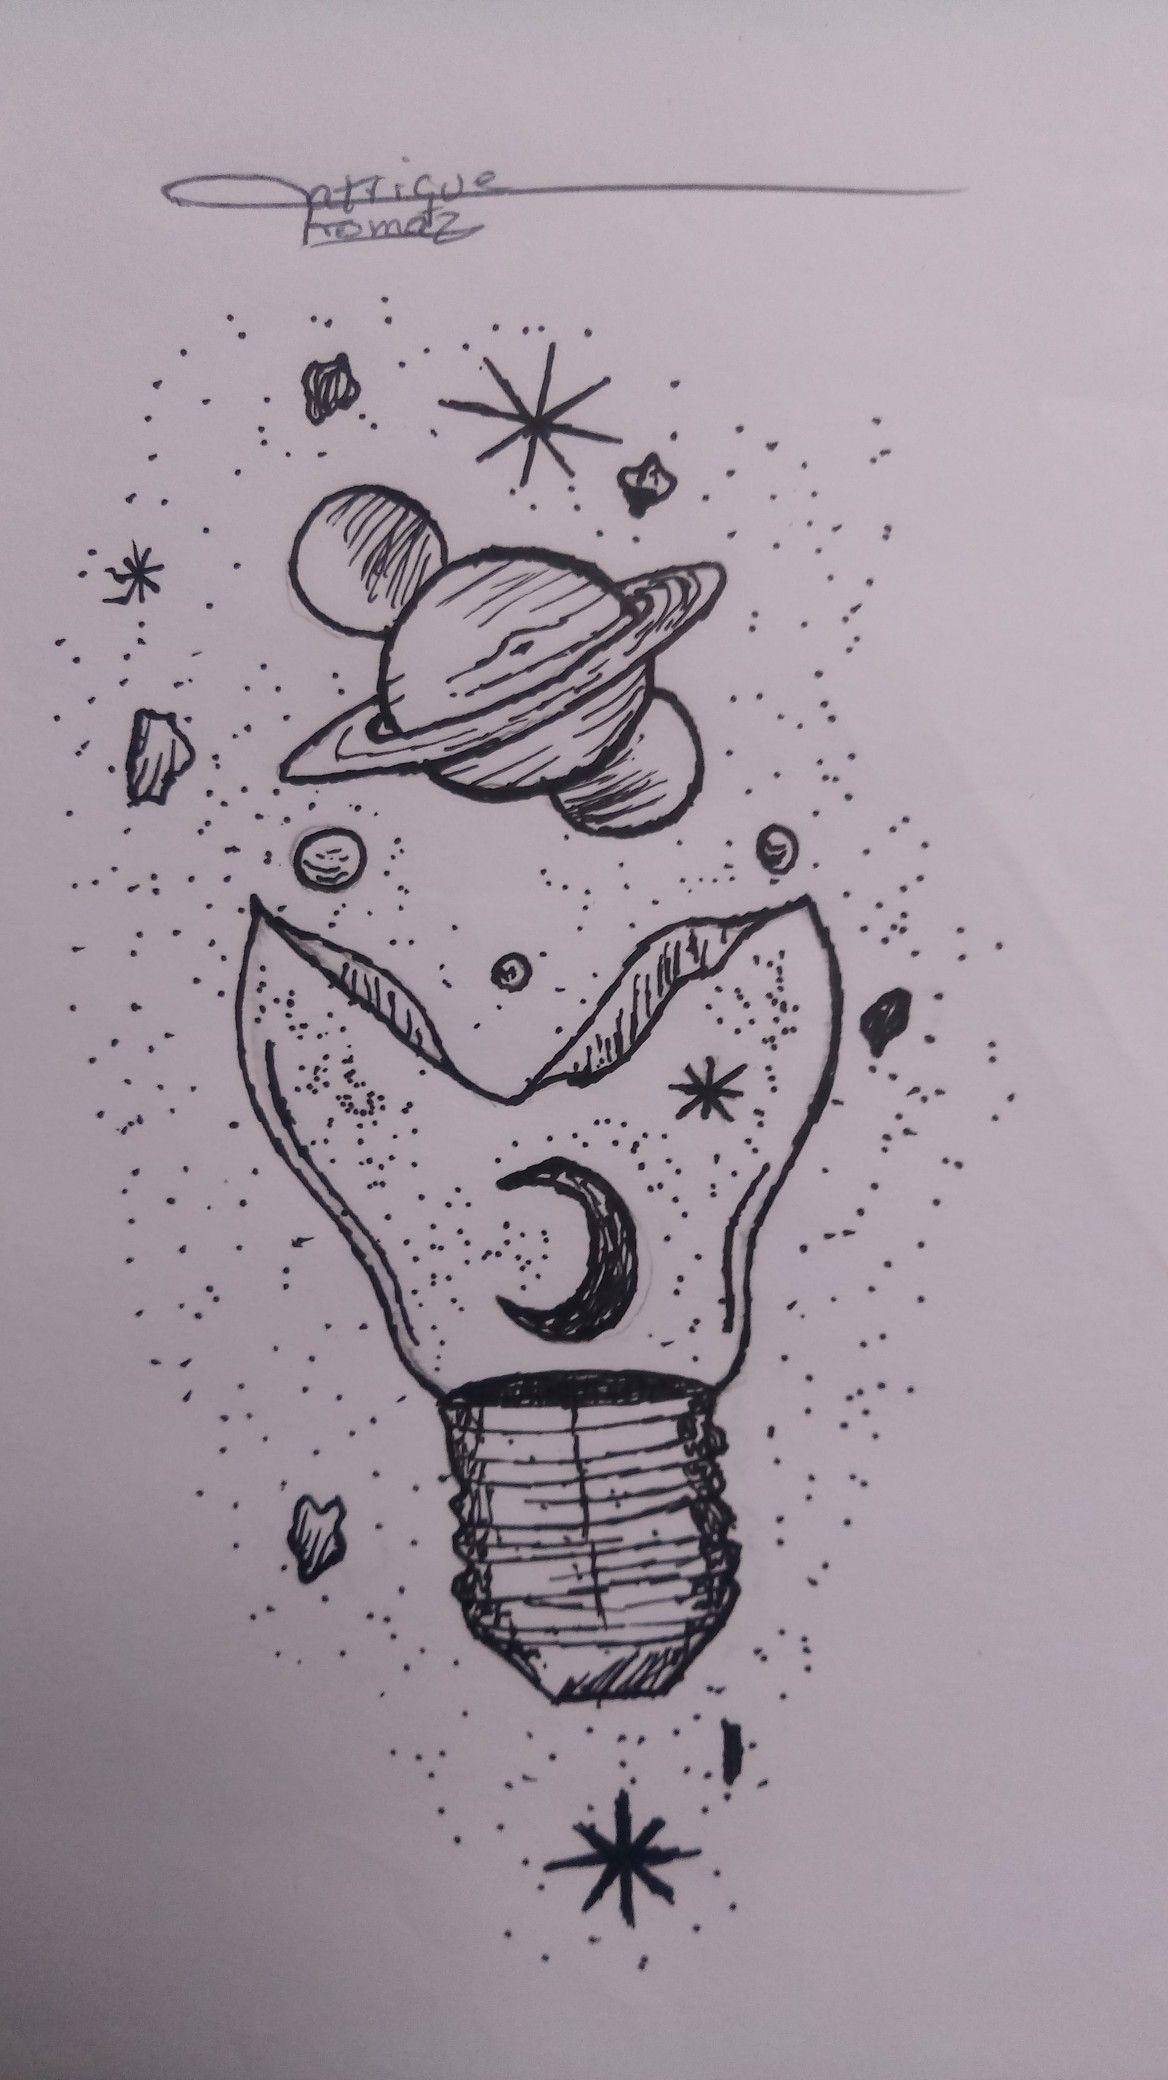 Um Universo De Ideias Estao Em Sua Mente Desenhos Aleatorios